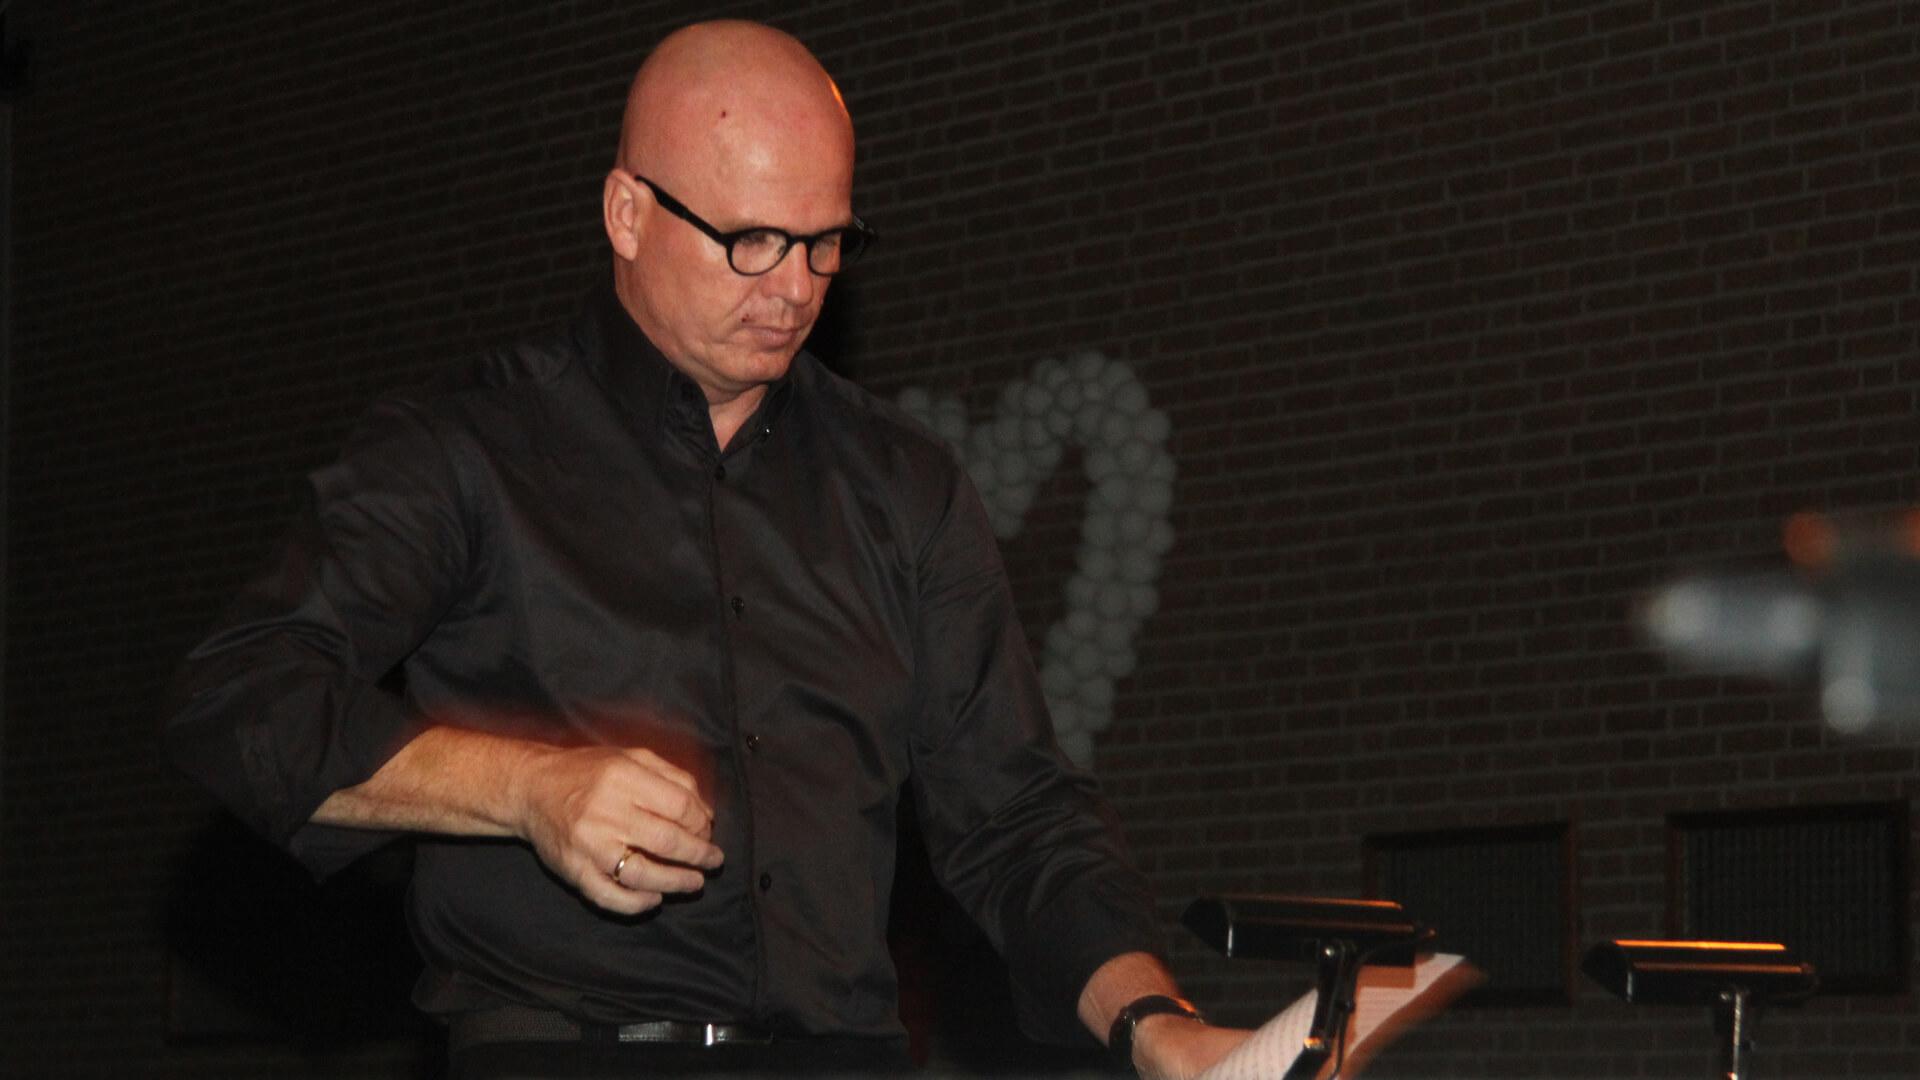 dirigent Wilco van den Oever aspirantenorkest najaarsconcert